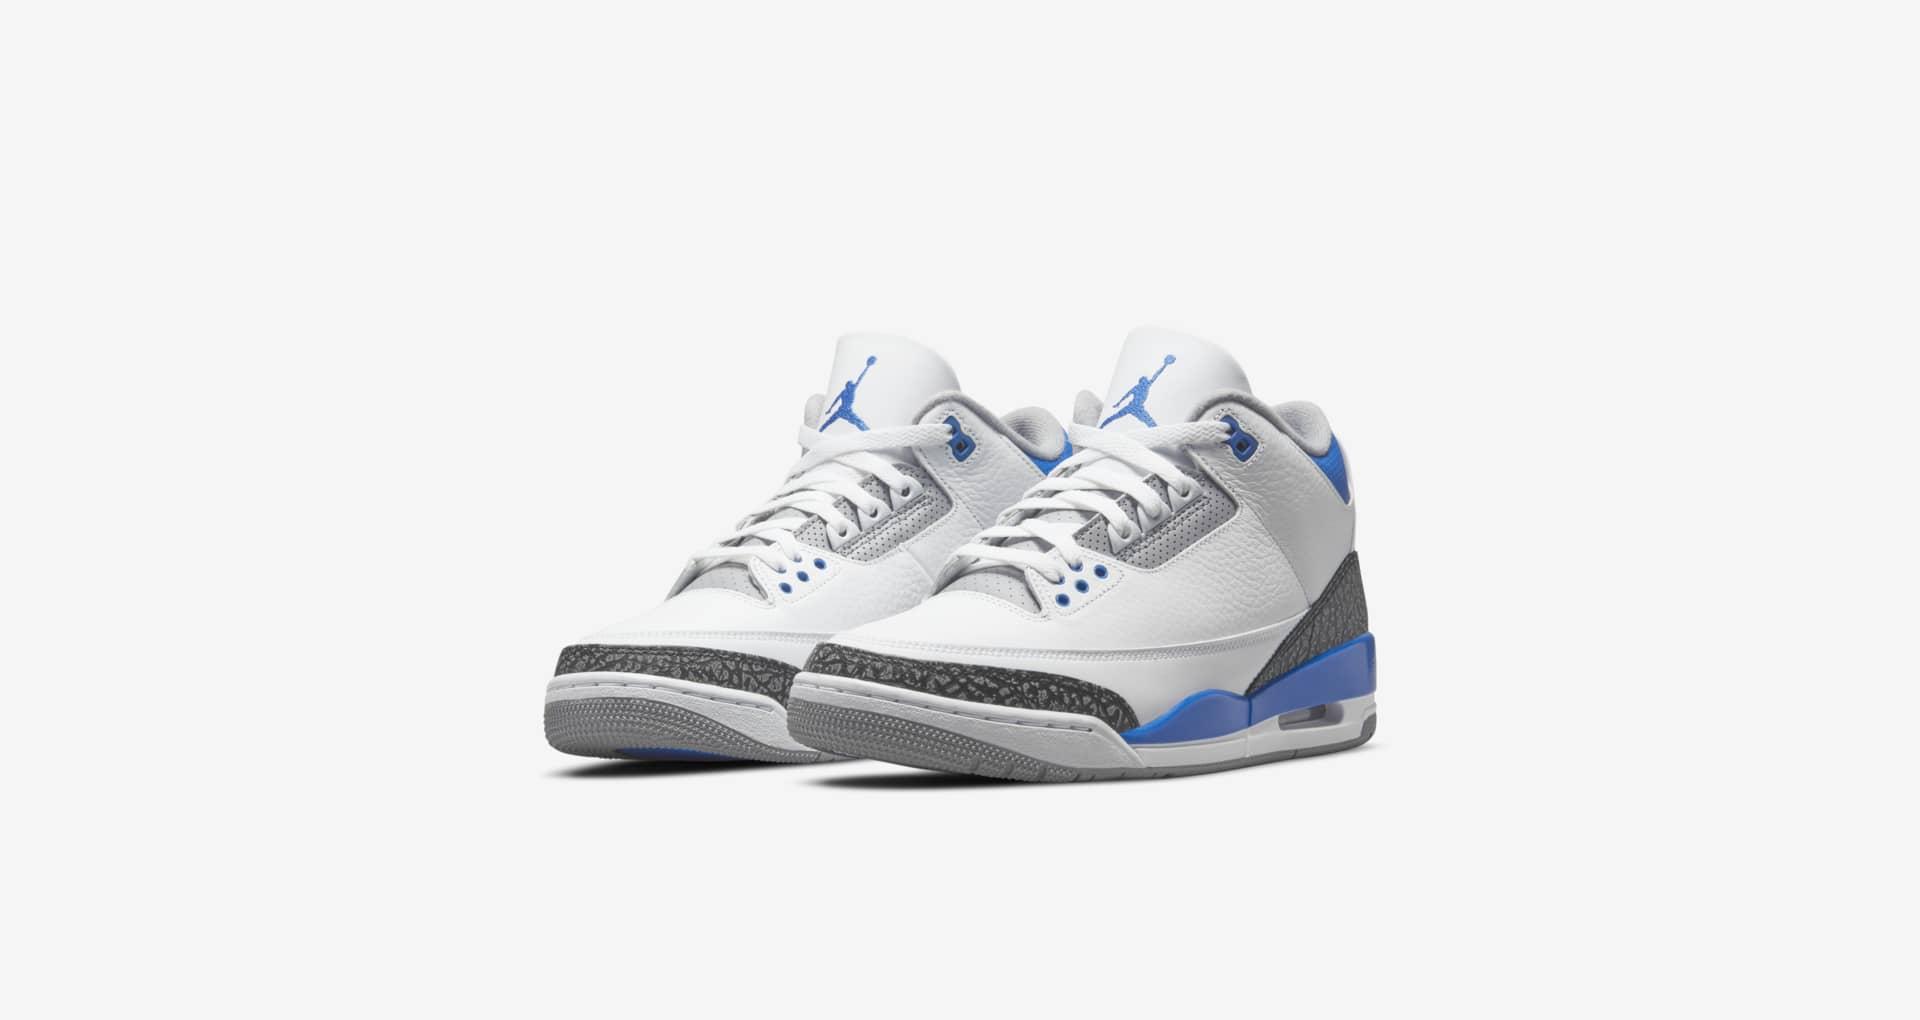 Jordan,Air Jordan 3,AJ3,CT8532  酷似「藤原浩」同款!全新 AJ3 发售信息泄露!